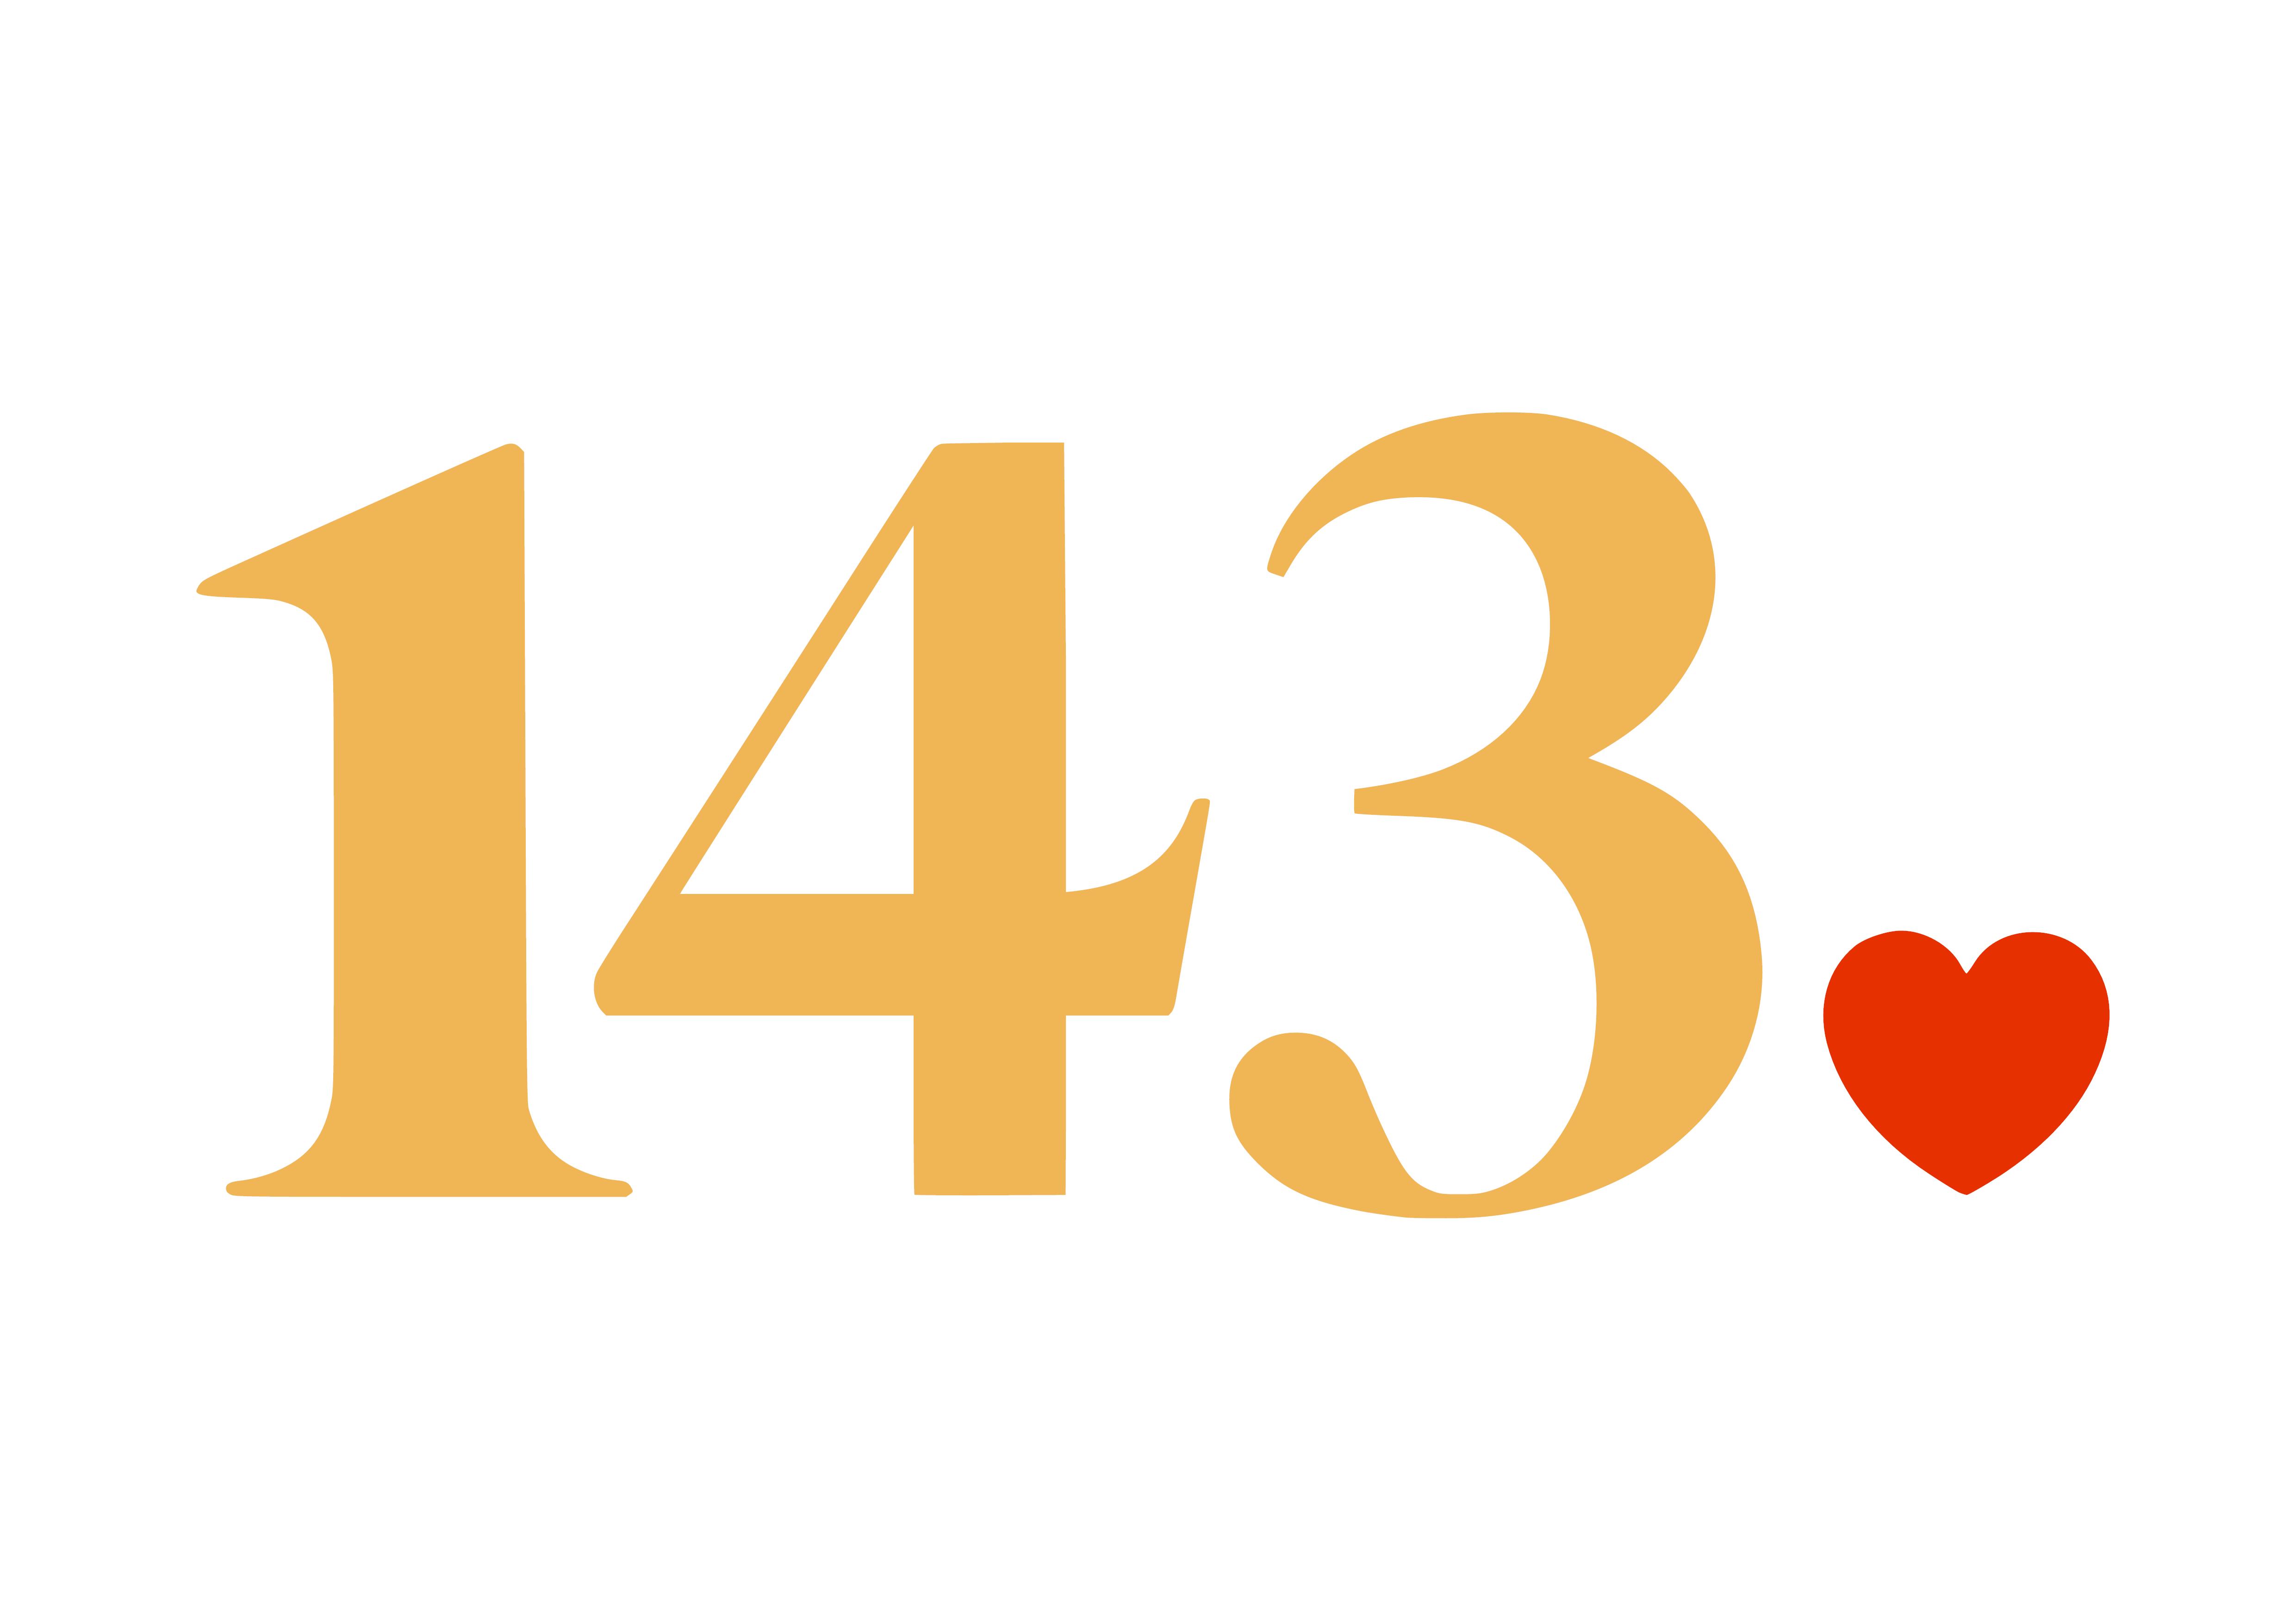 Logo for 143.co.uk